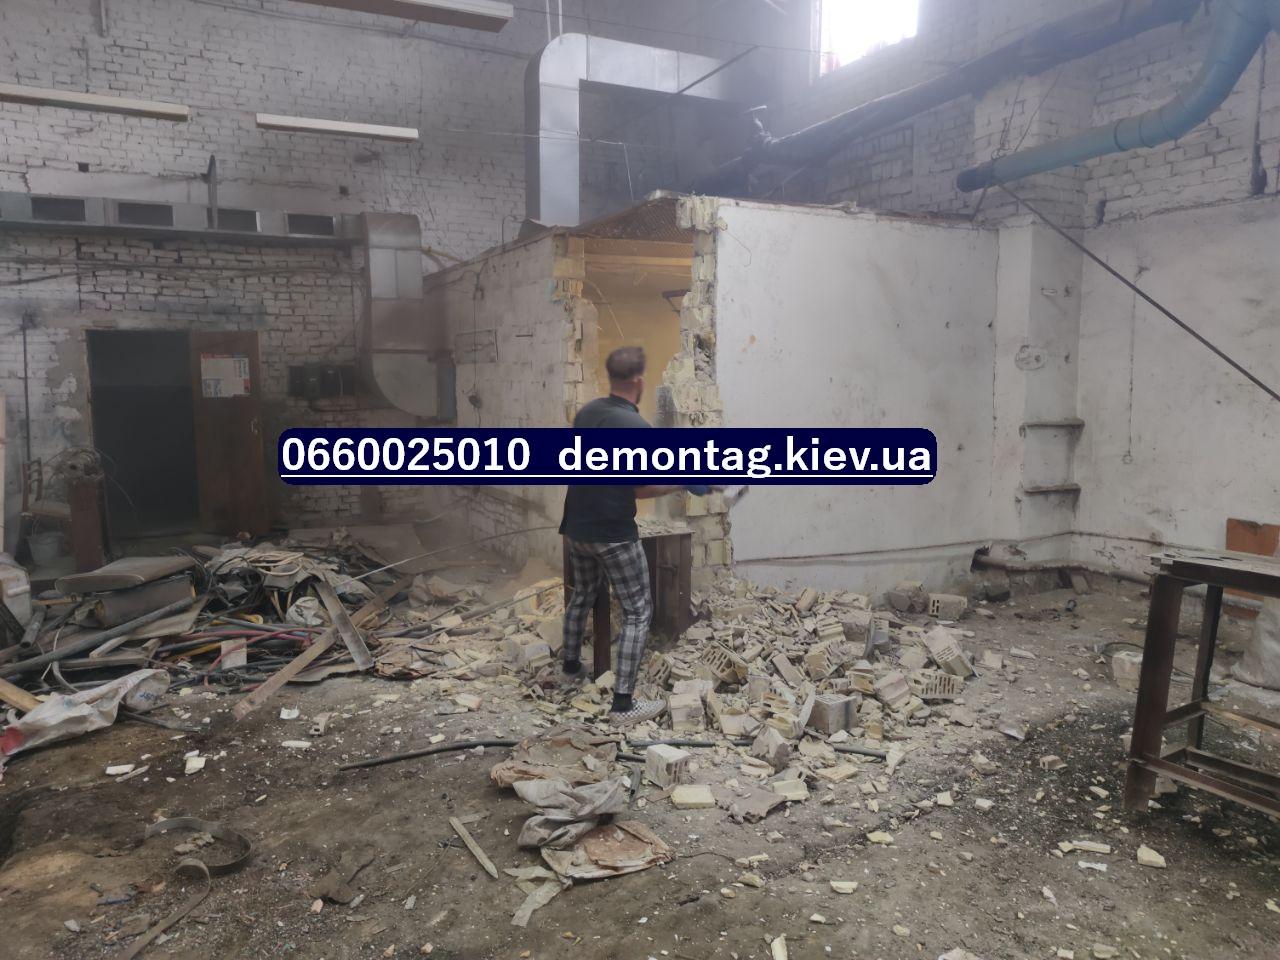 Демонтажные работы по Киеву